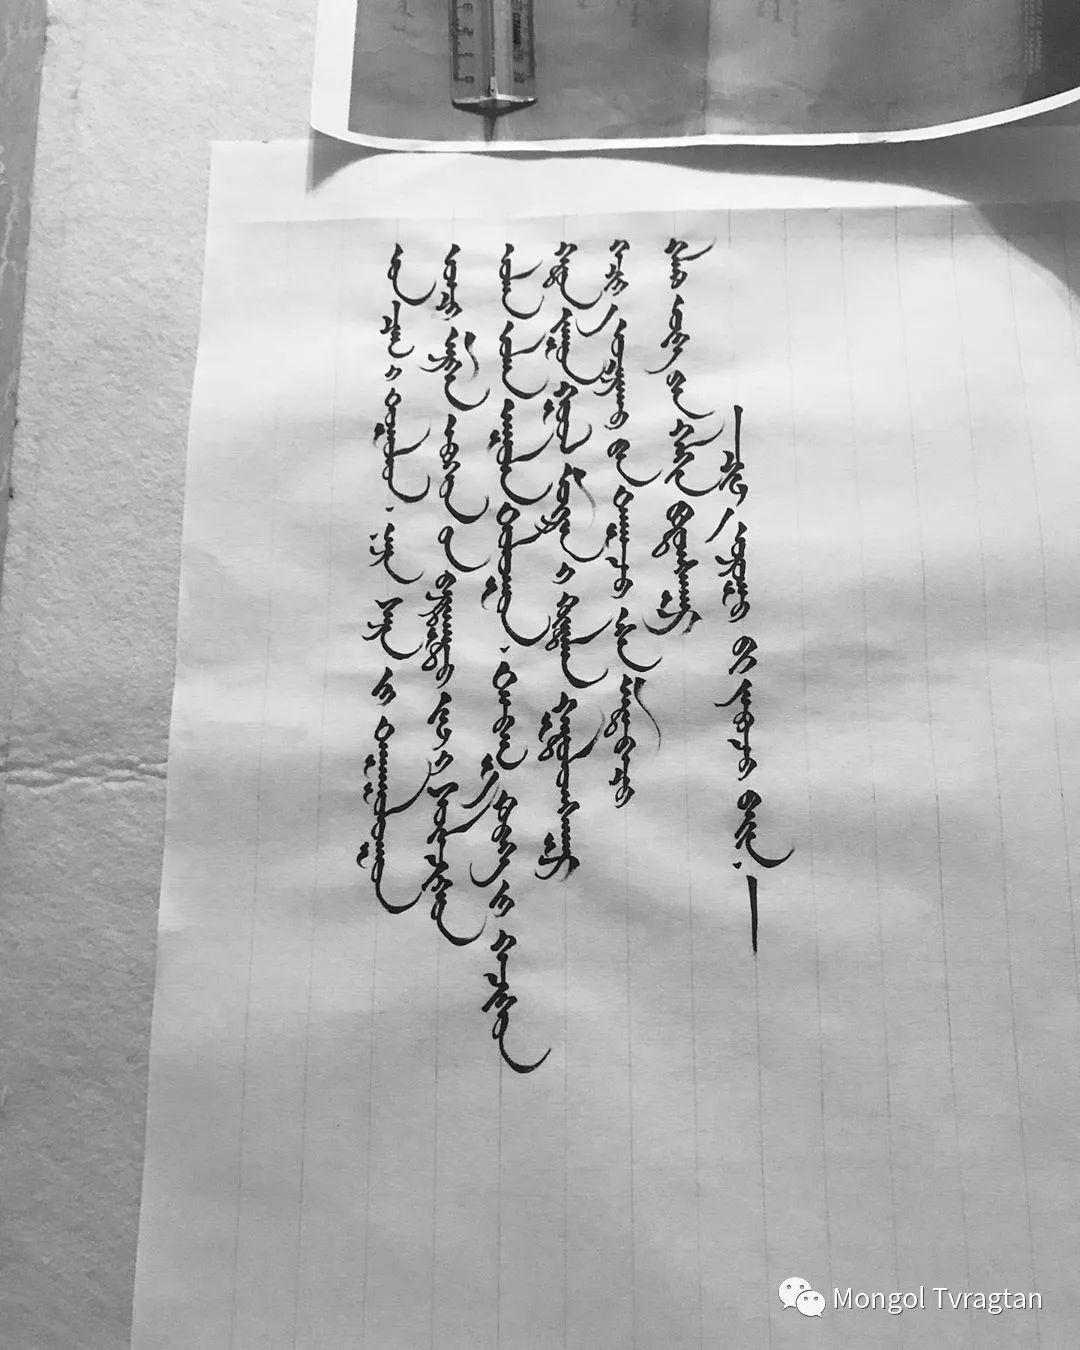 ᠤᠷᠠᠨ ᠪᠢᠴᠢᠯᠭᠡ 第26张 ᠤᠷᠠᠨ ᠪᠢᠴᠢᠯᠭᠡ 蒙古书法